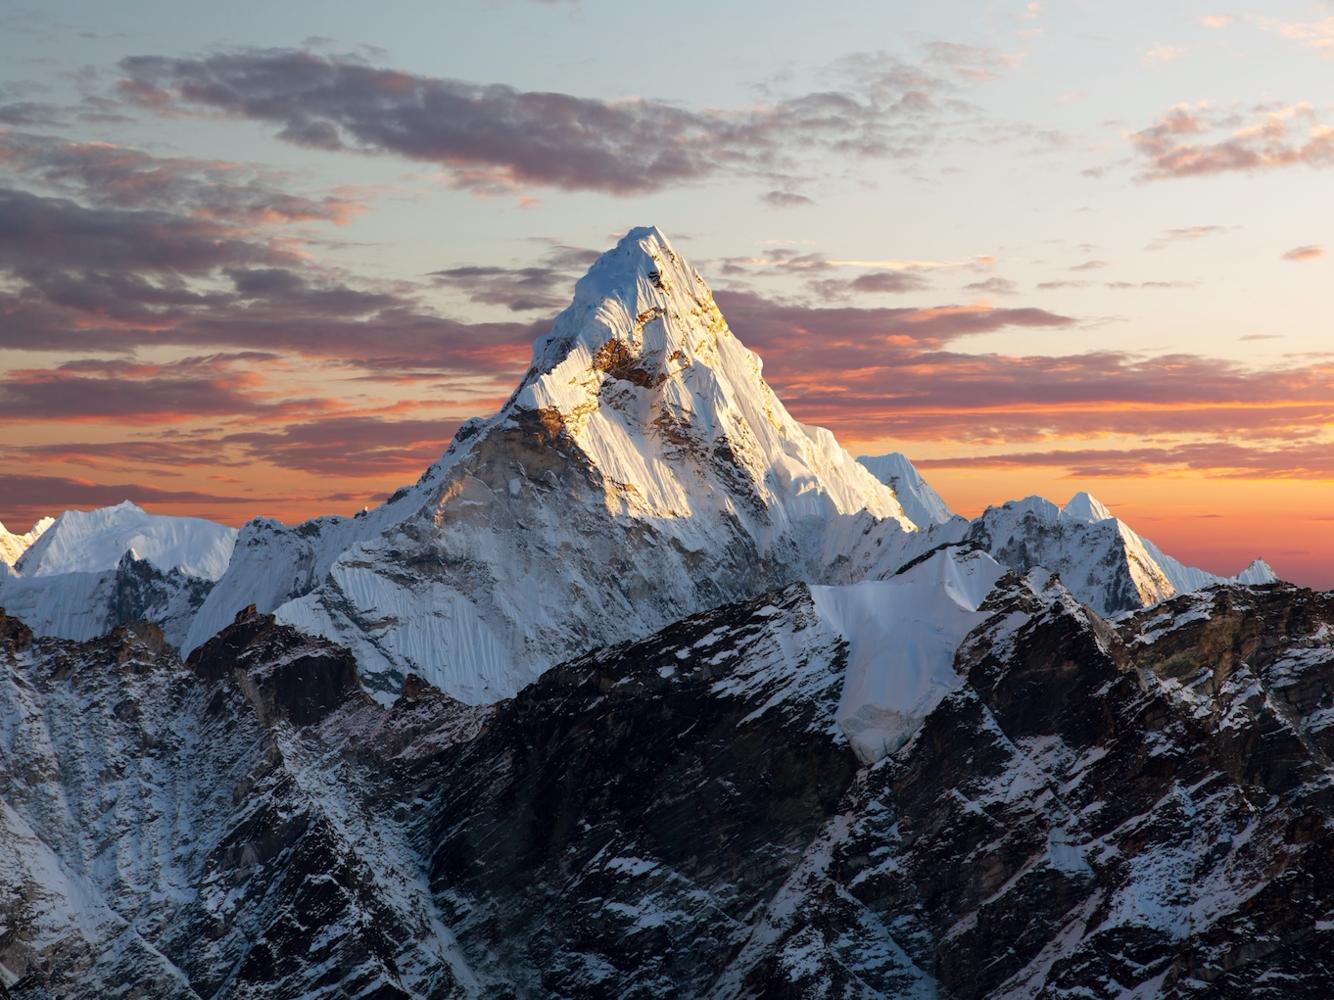 """<strong><em>Ama Dablam, dãy Himalaya, Nepal:</em></strong>Khi nhắc đến dãy Himalaya, người ta thường chỉ nghĩ ngay đến đỉnh Everest. Ama Dablam không nổi tiếng, nhưng nó không kém phần ấn tượng. """"Ama Dablam"""" có nghĩa là """"vòng cổ của người mẹ"""", xuất phát hình ảnh các rặng núi trải ra như cánh tay của một người mẹ, còn hình ảnh sông băng trên các vách núi được so sánh với những sợi dây chuyền. Nhiều người coi đây mới là đỉnh núi là đẹp nhất của dãy Himalaya."""